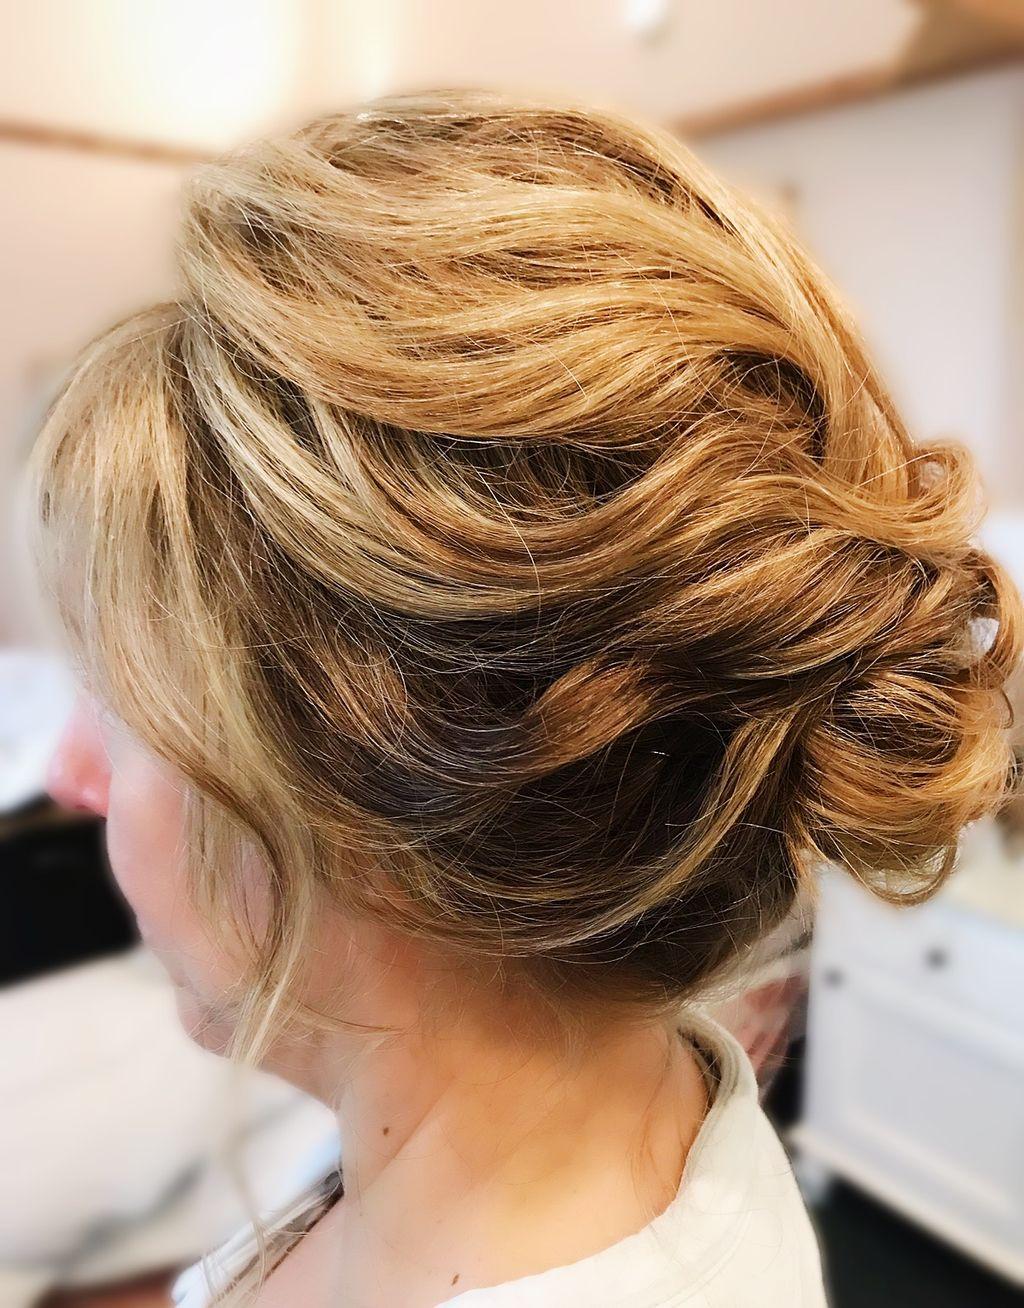 Hair by Christine Hernandez